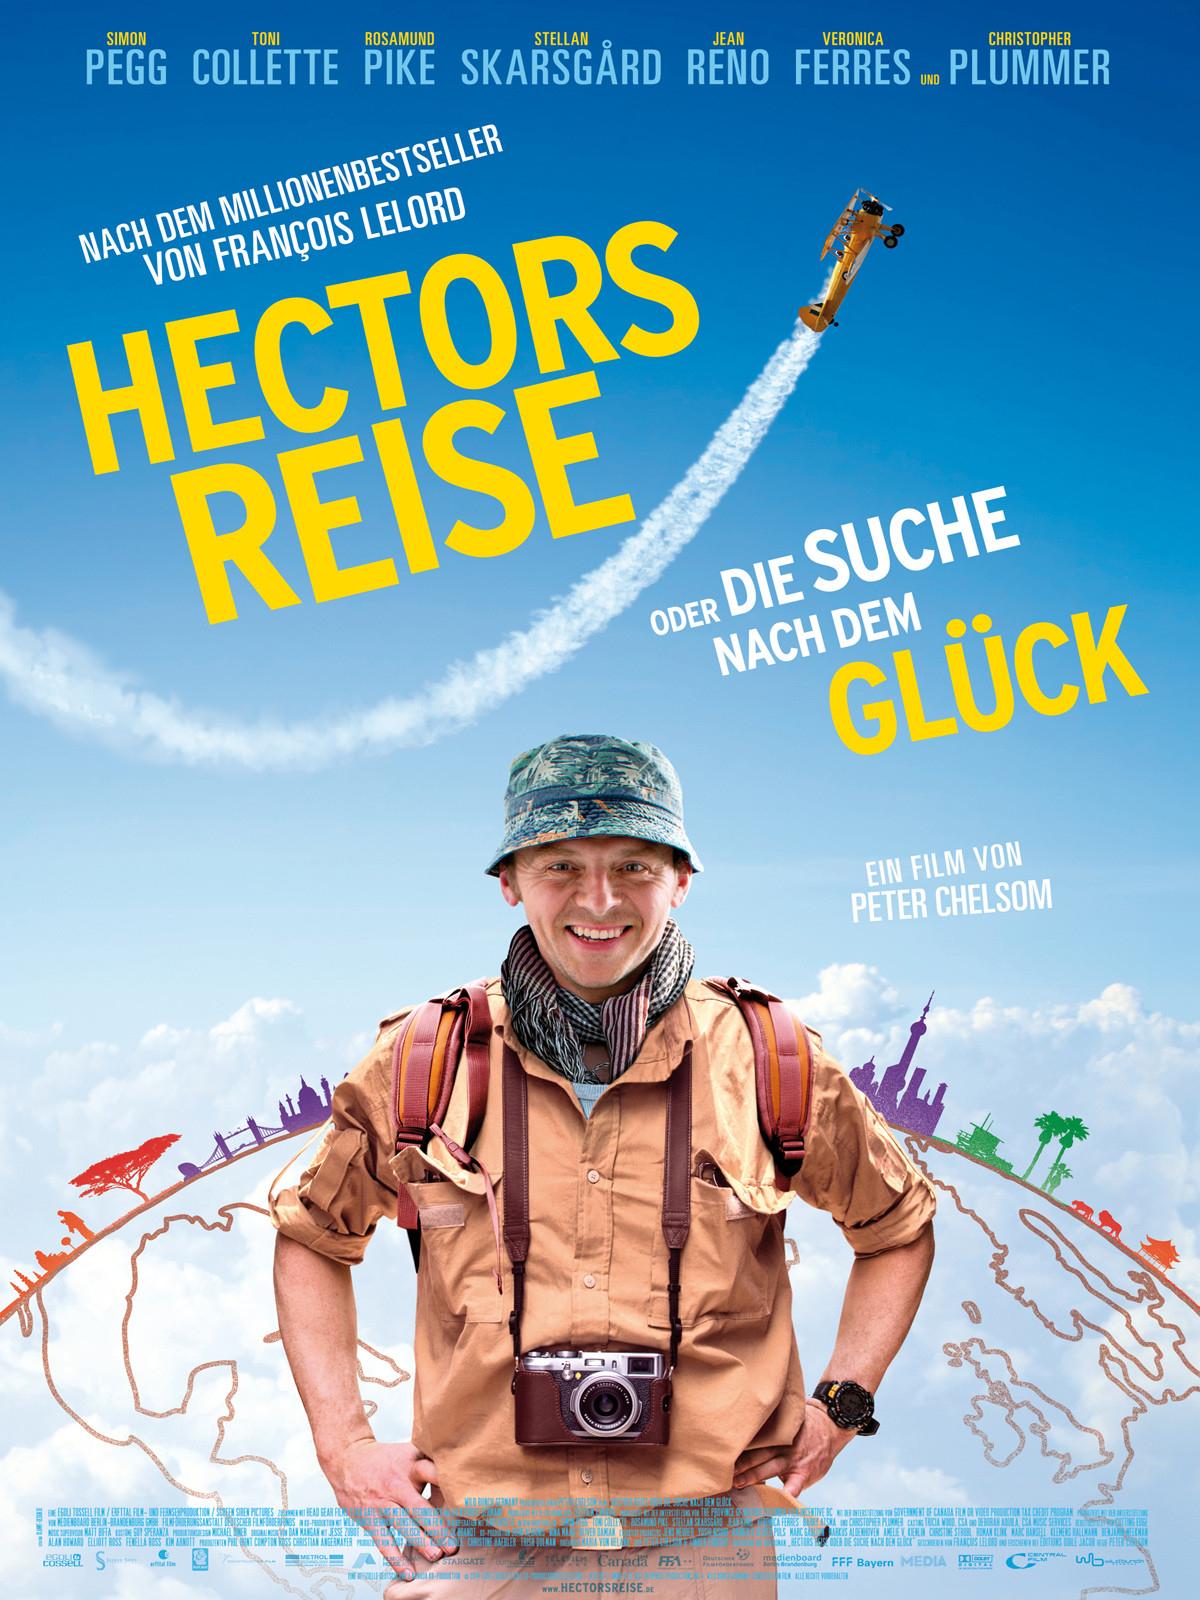 «Hectors Reise oder die Suche nach dem Glück» (IMDb 7,0 - RT 38%) mit Simon Pegg kostenlos im Stream [ARD Mediathek]